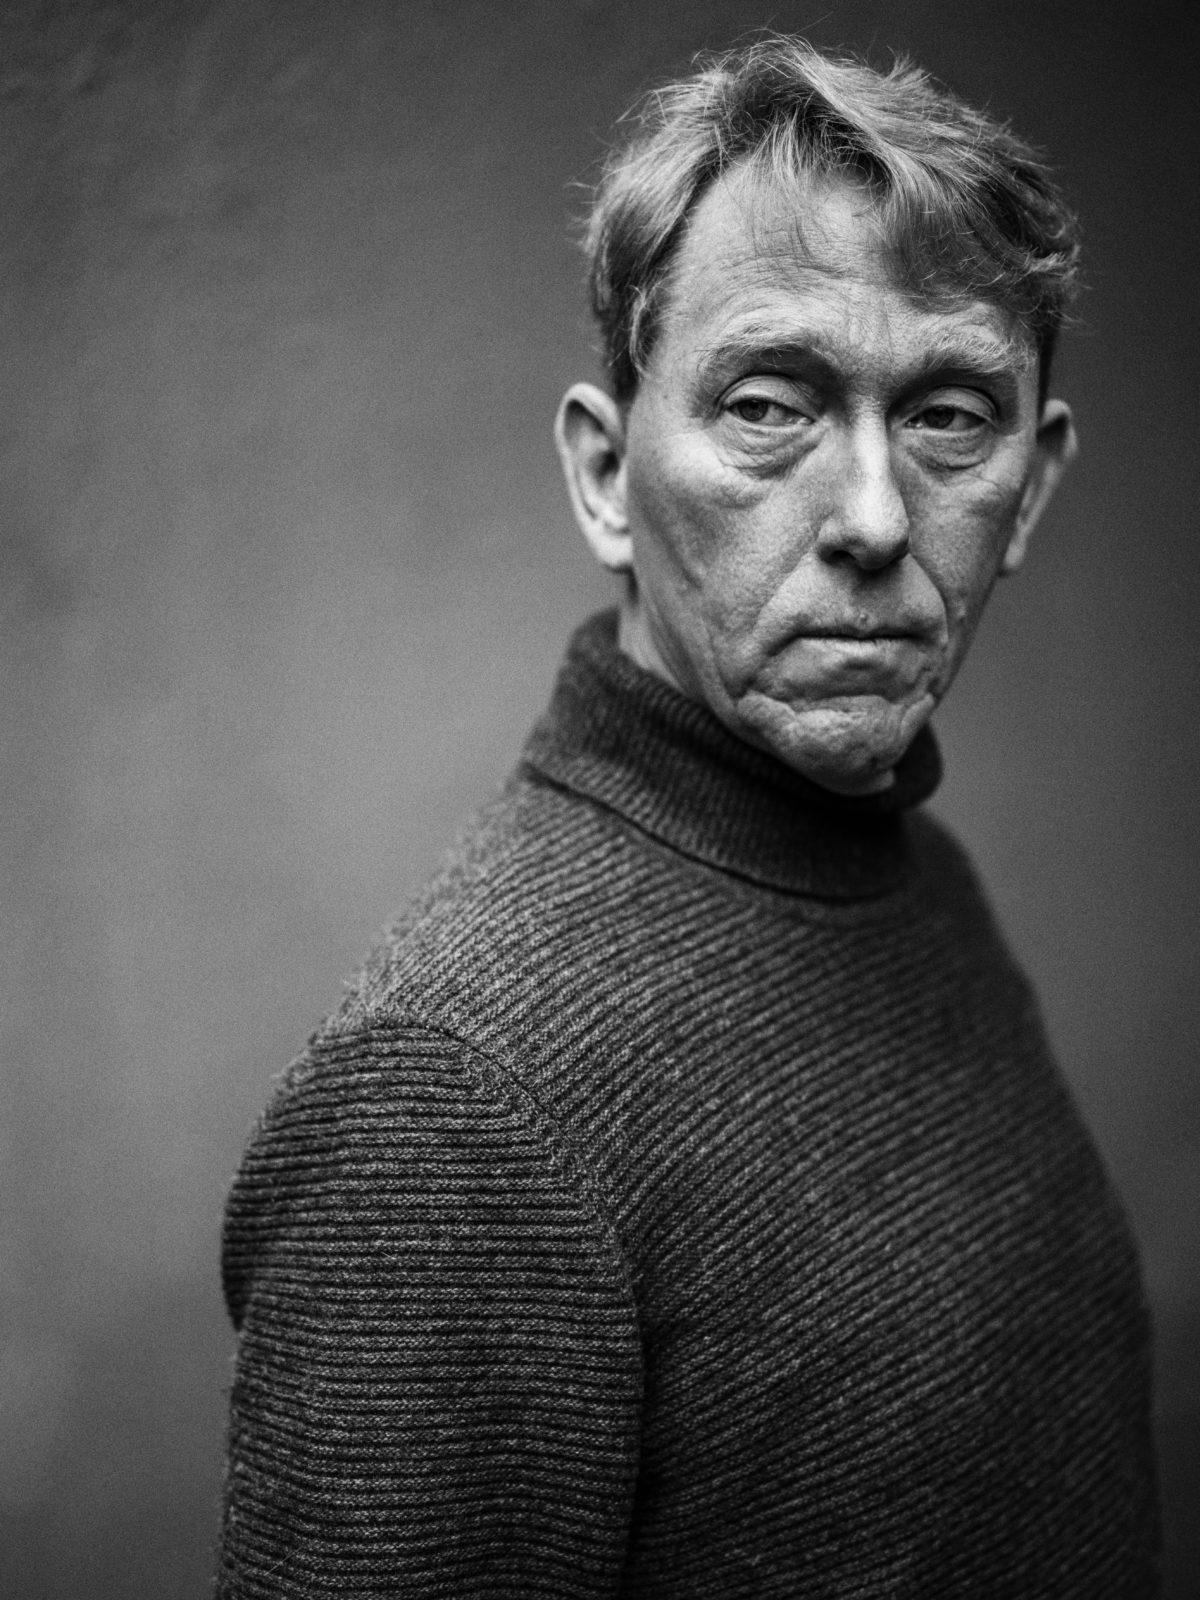 Jan Van der Cruysse